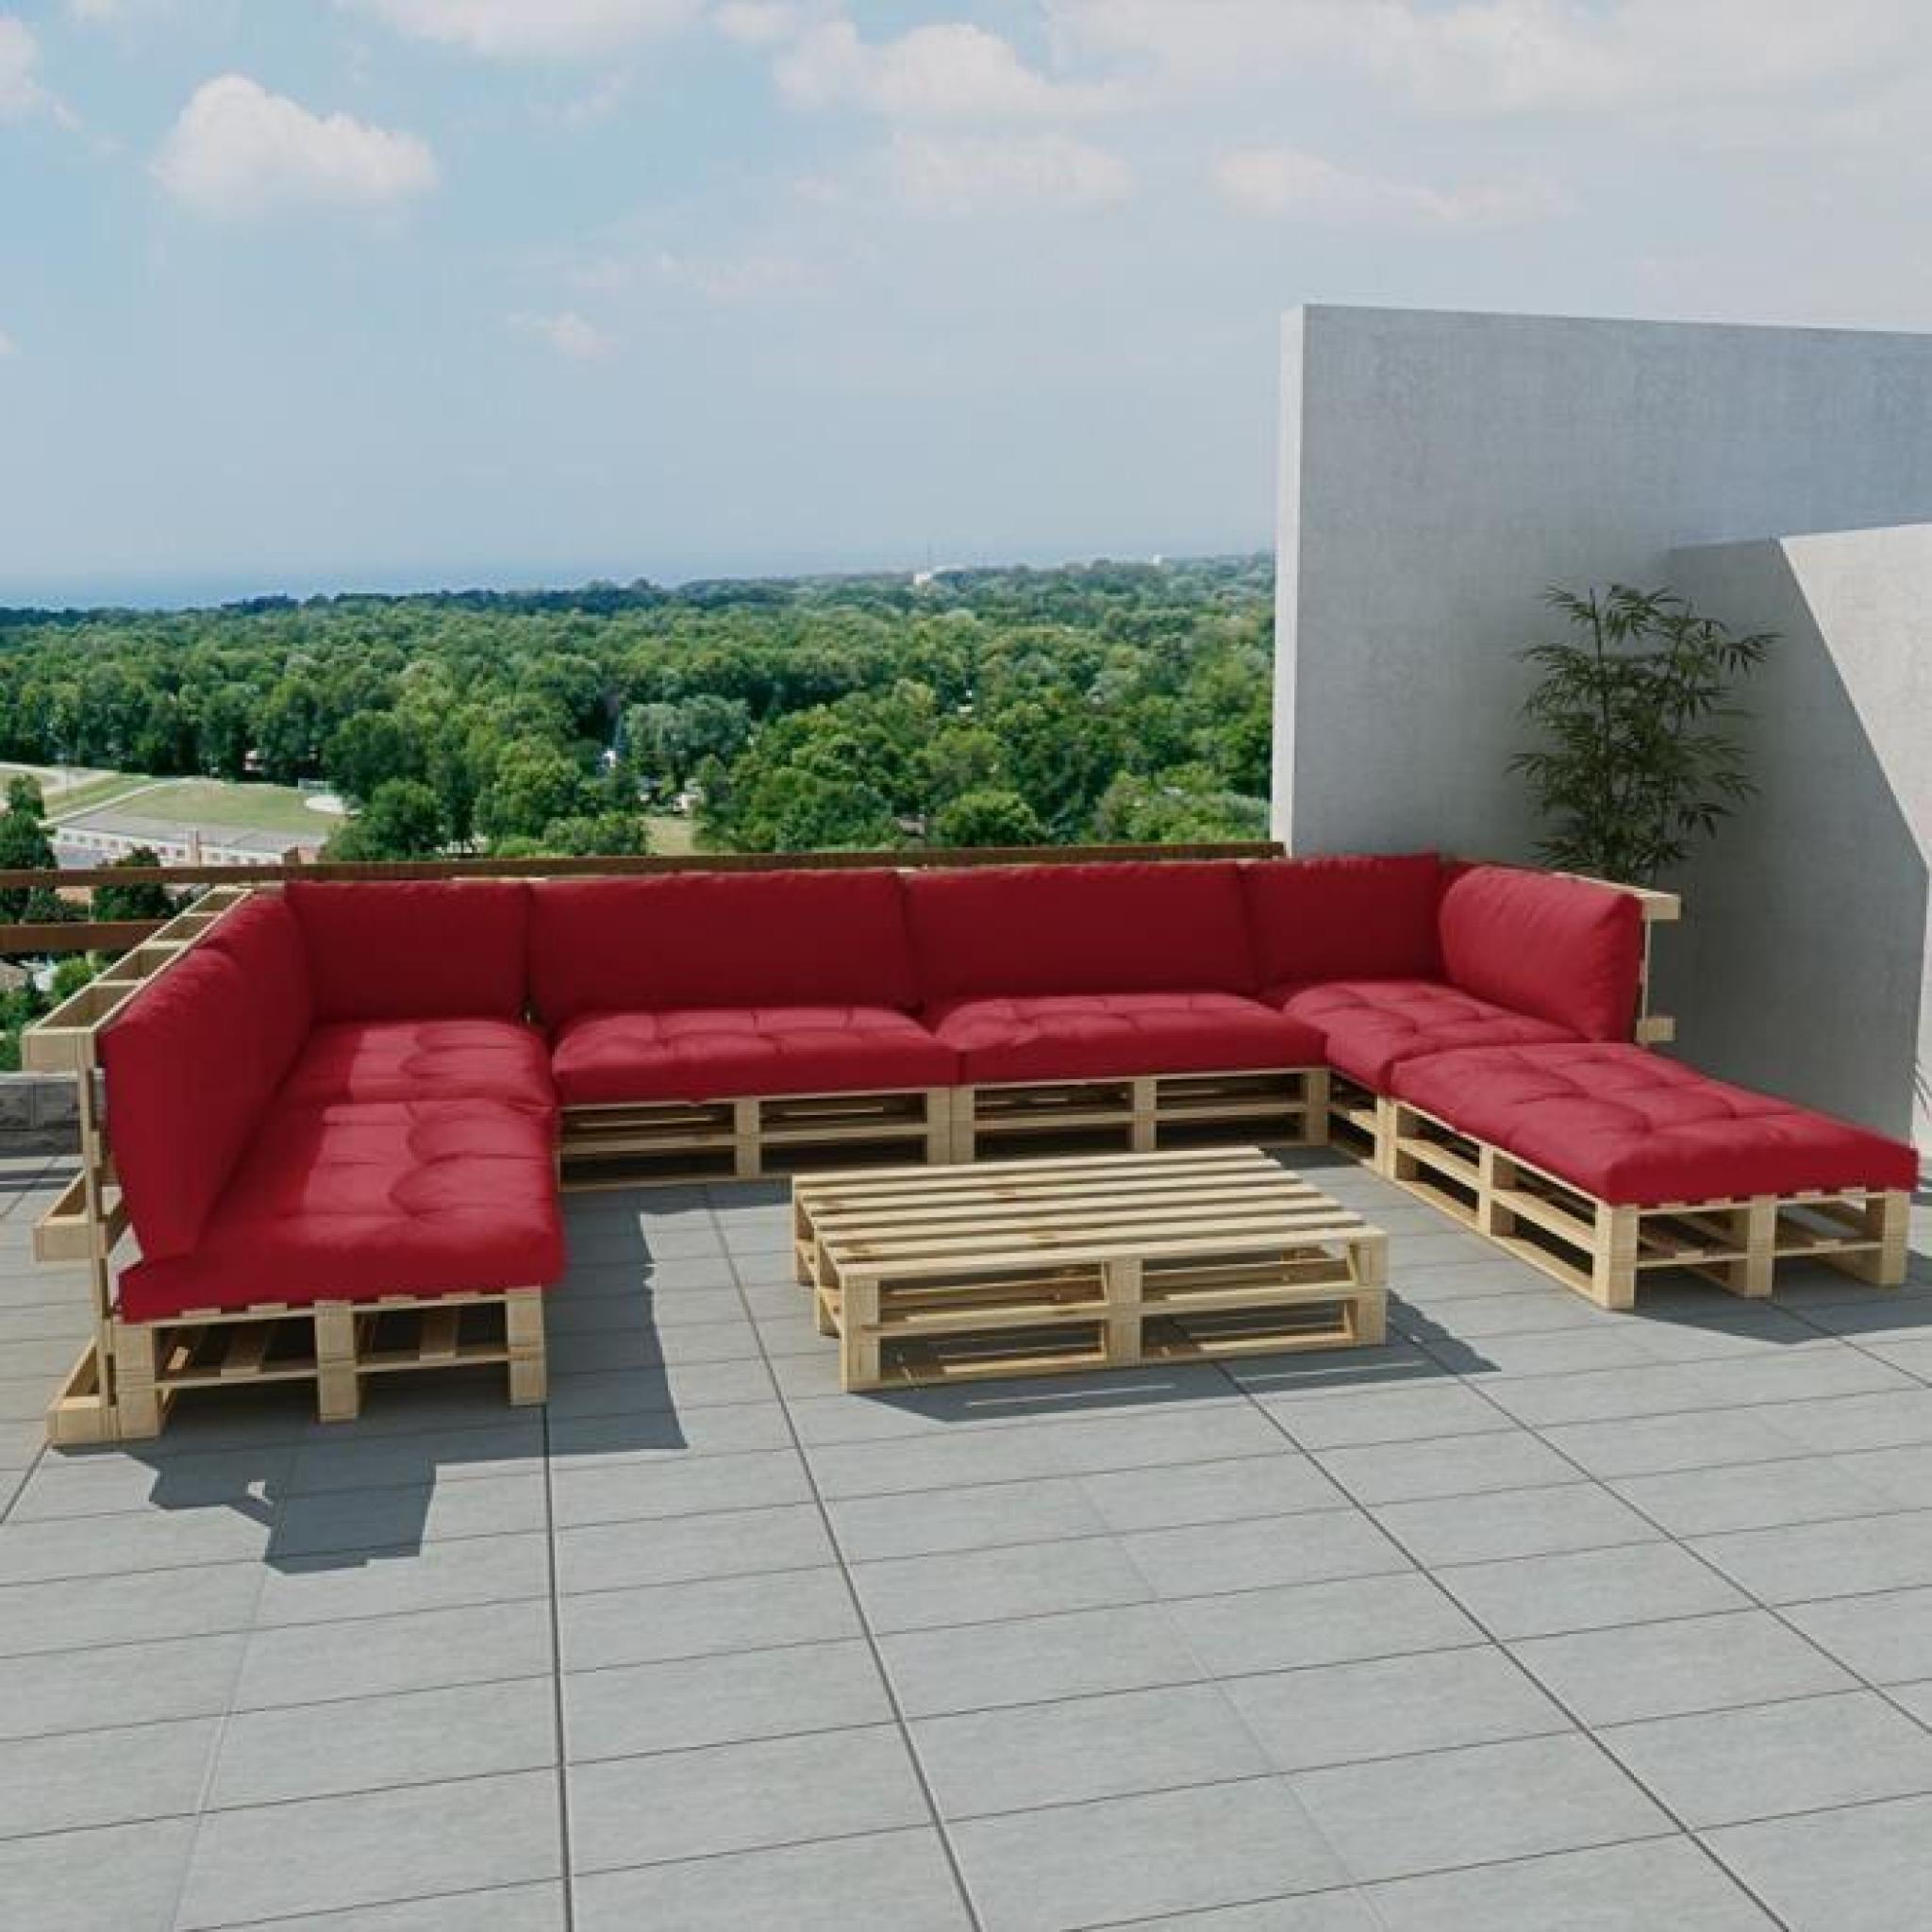 Salon d\'extérieur en palette de bois avec 13 coussins rouge 21 pcs